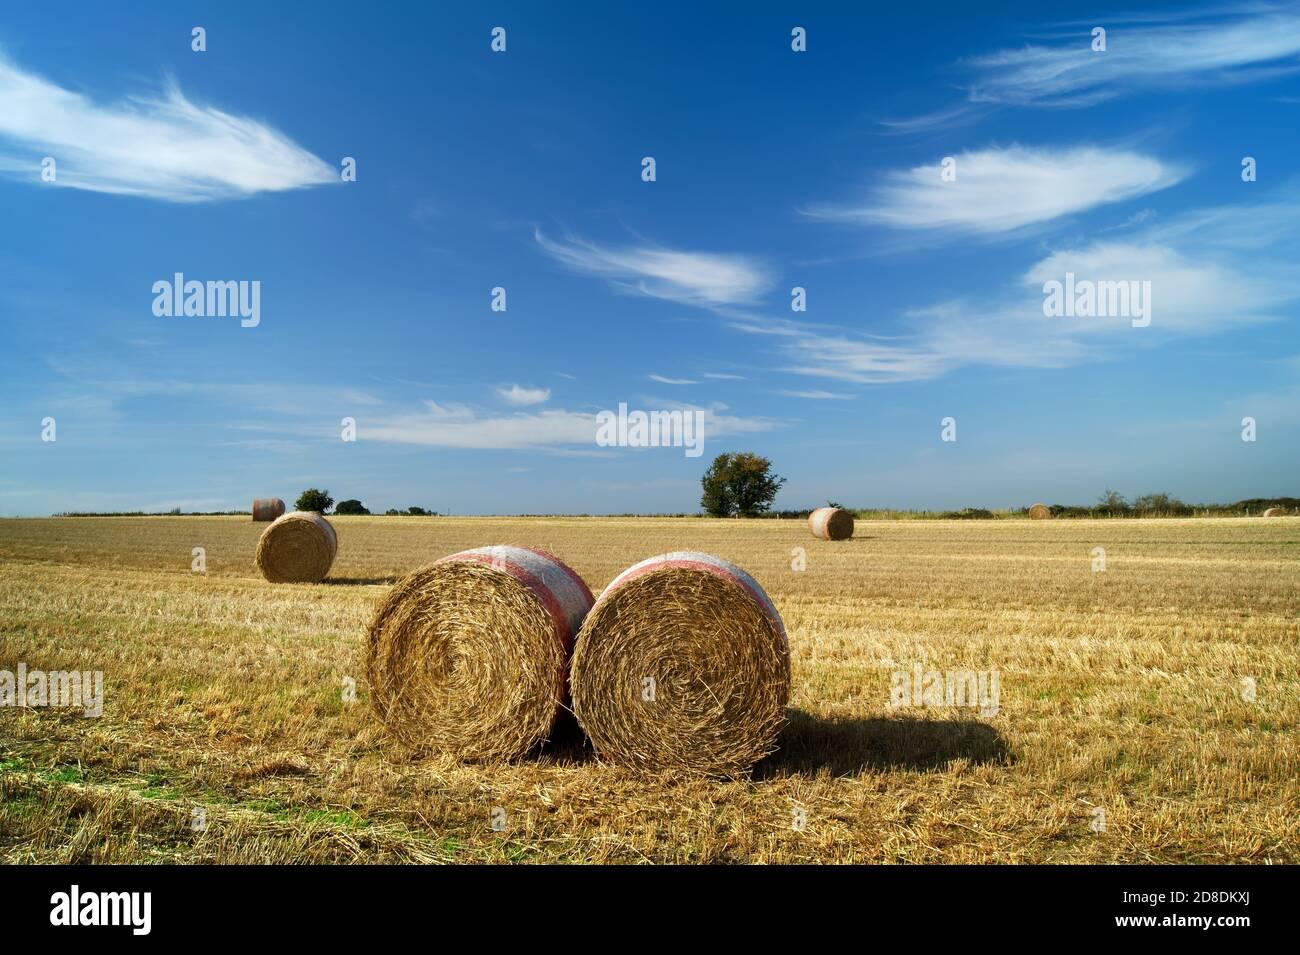 Reino Unido, South Yorkshire, Barnsley, Drum hay Bales in Field cerca de Silkstone Common Foto de stock